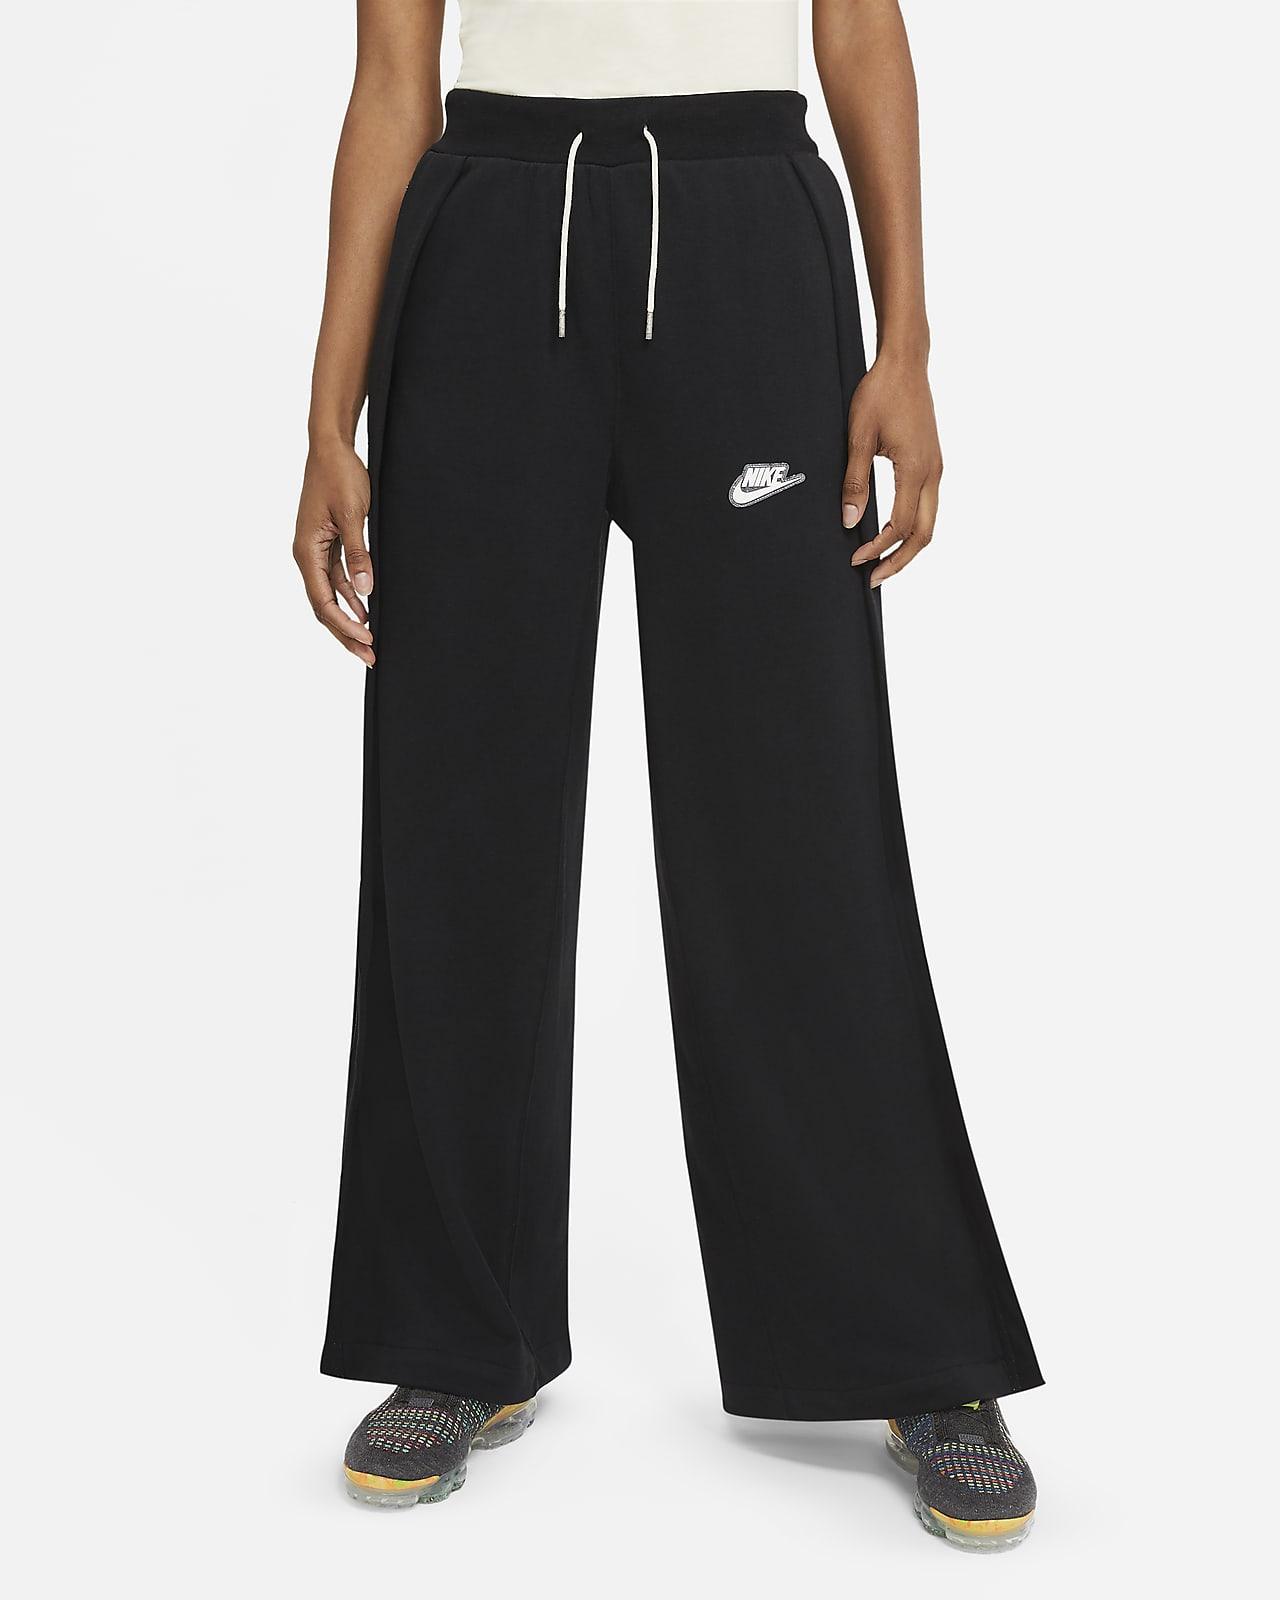 Pantalon en molleton Nike Sportswear pour Femme